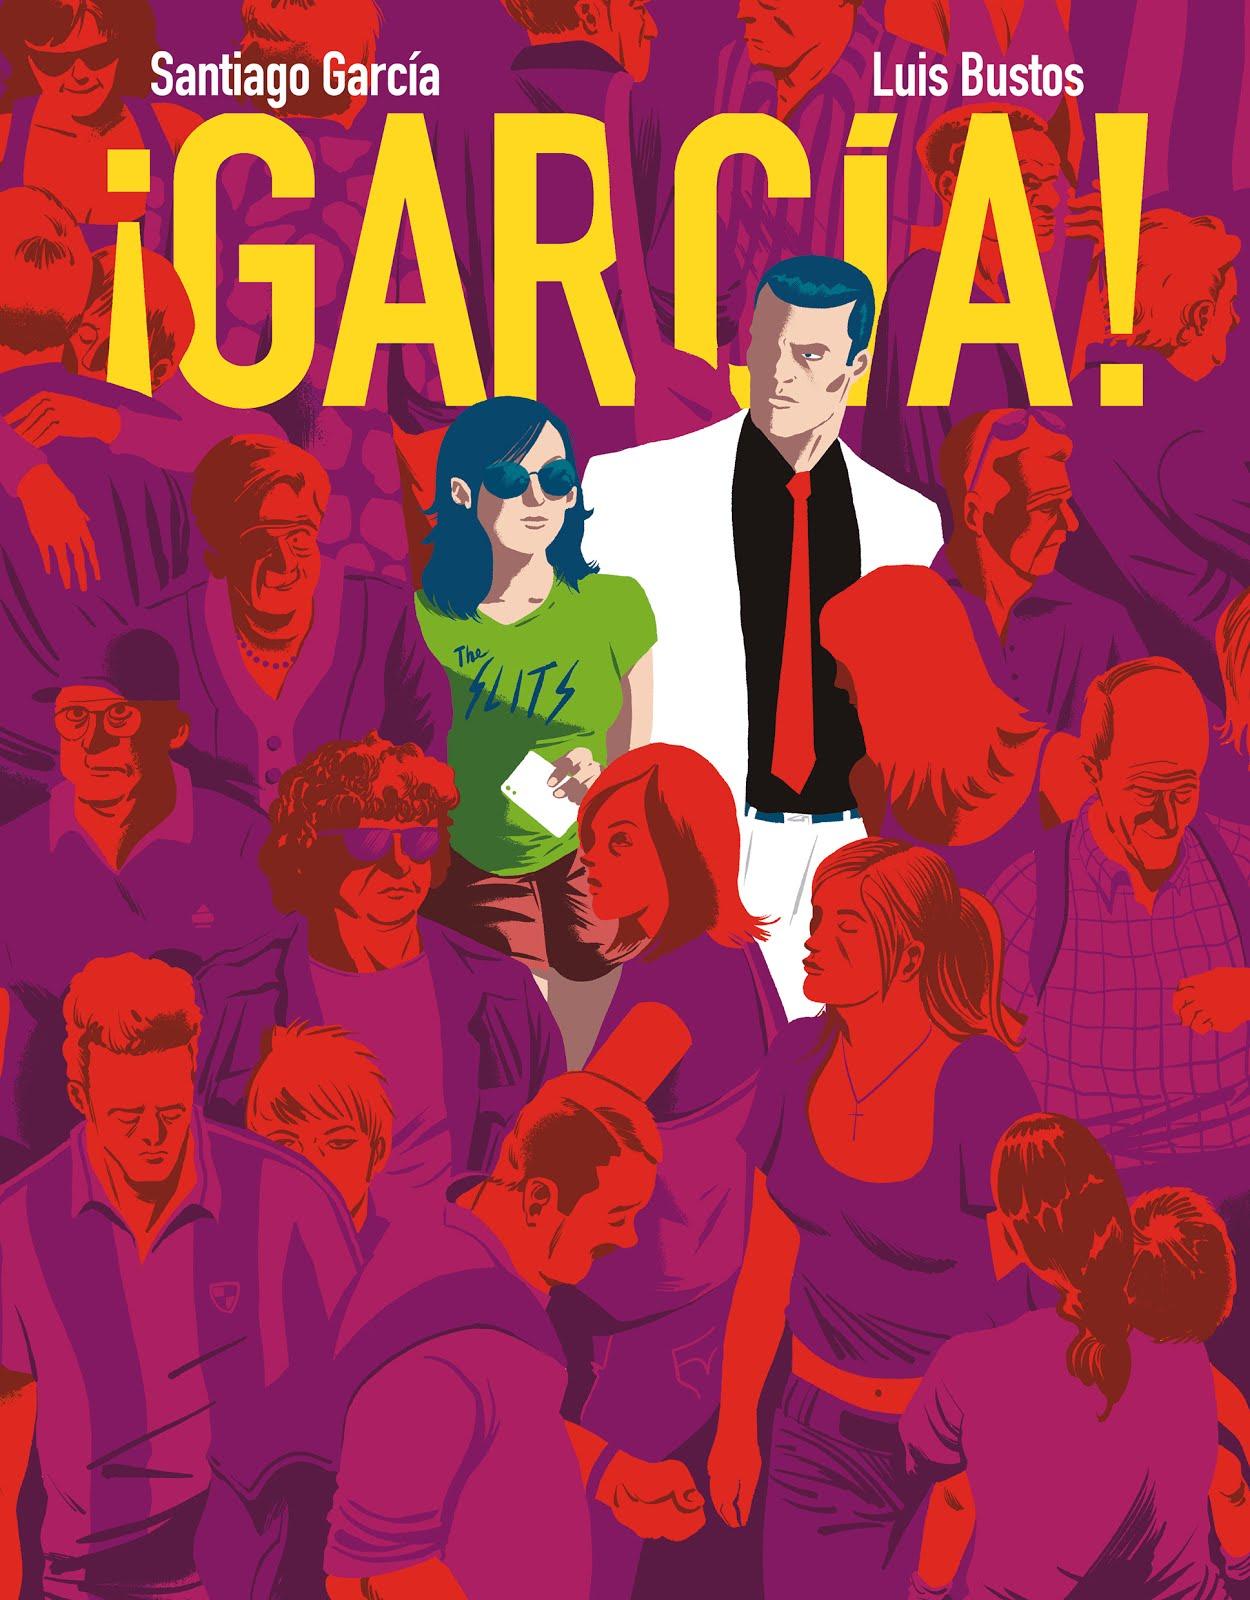 ¡GARCÍA! 3